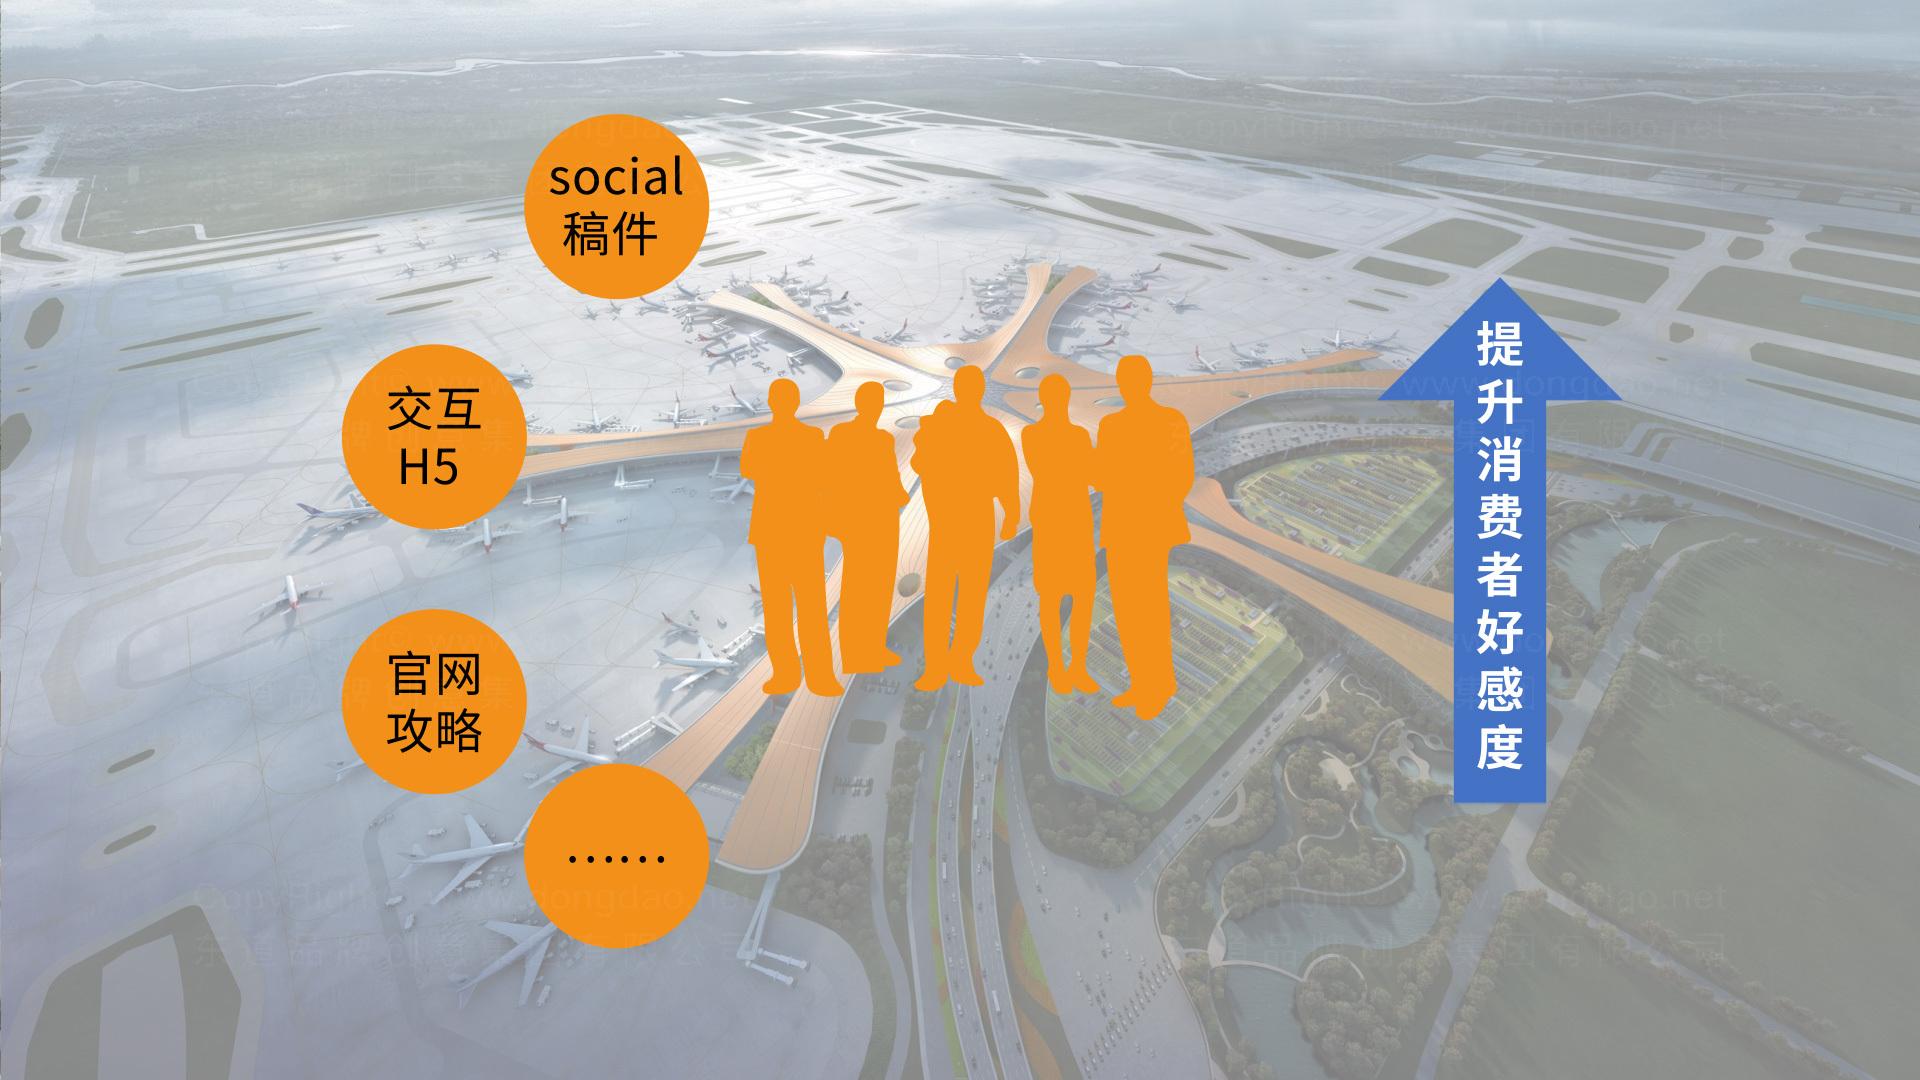 公关传播大兴机场品牌战略+传播推广应用场景_5